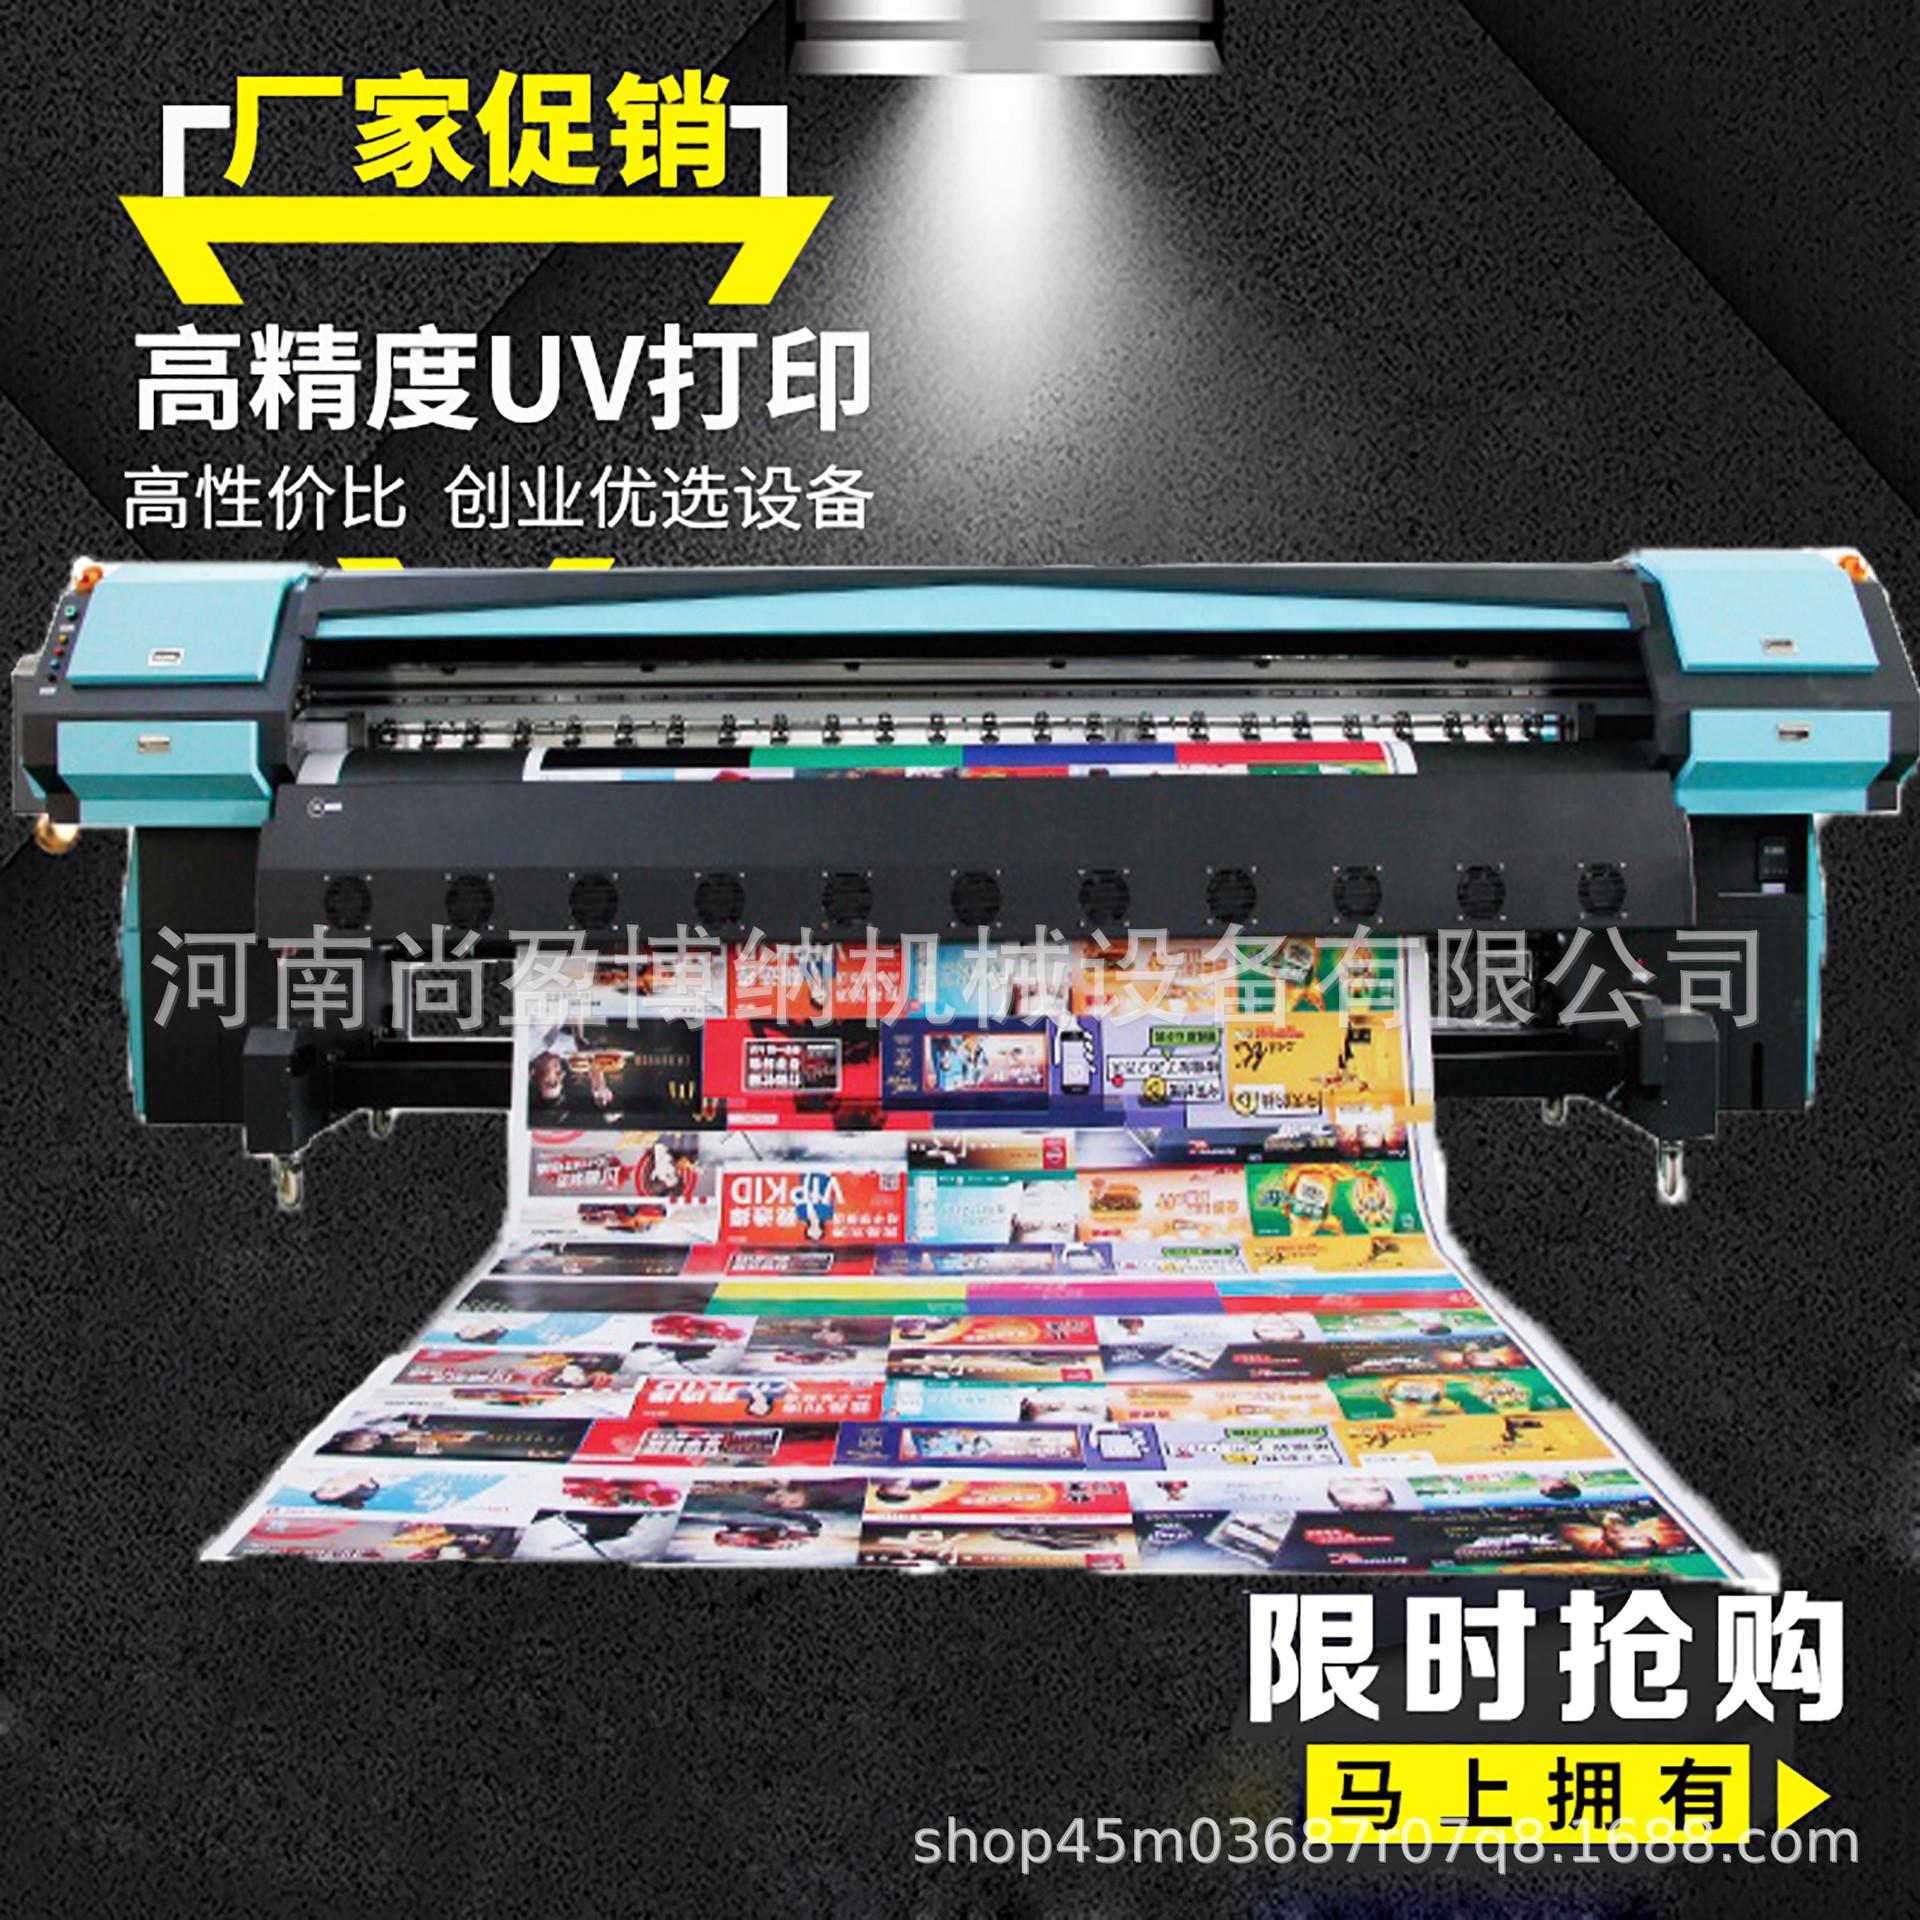 晶瓷画PP纸写真机  数码彩印机 柯尼卡喷绘机 背景墙36DUV打印机